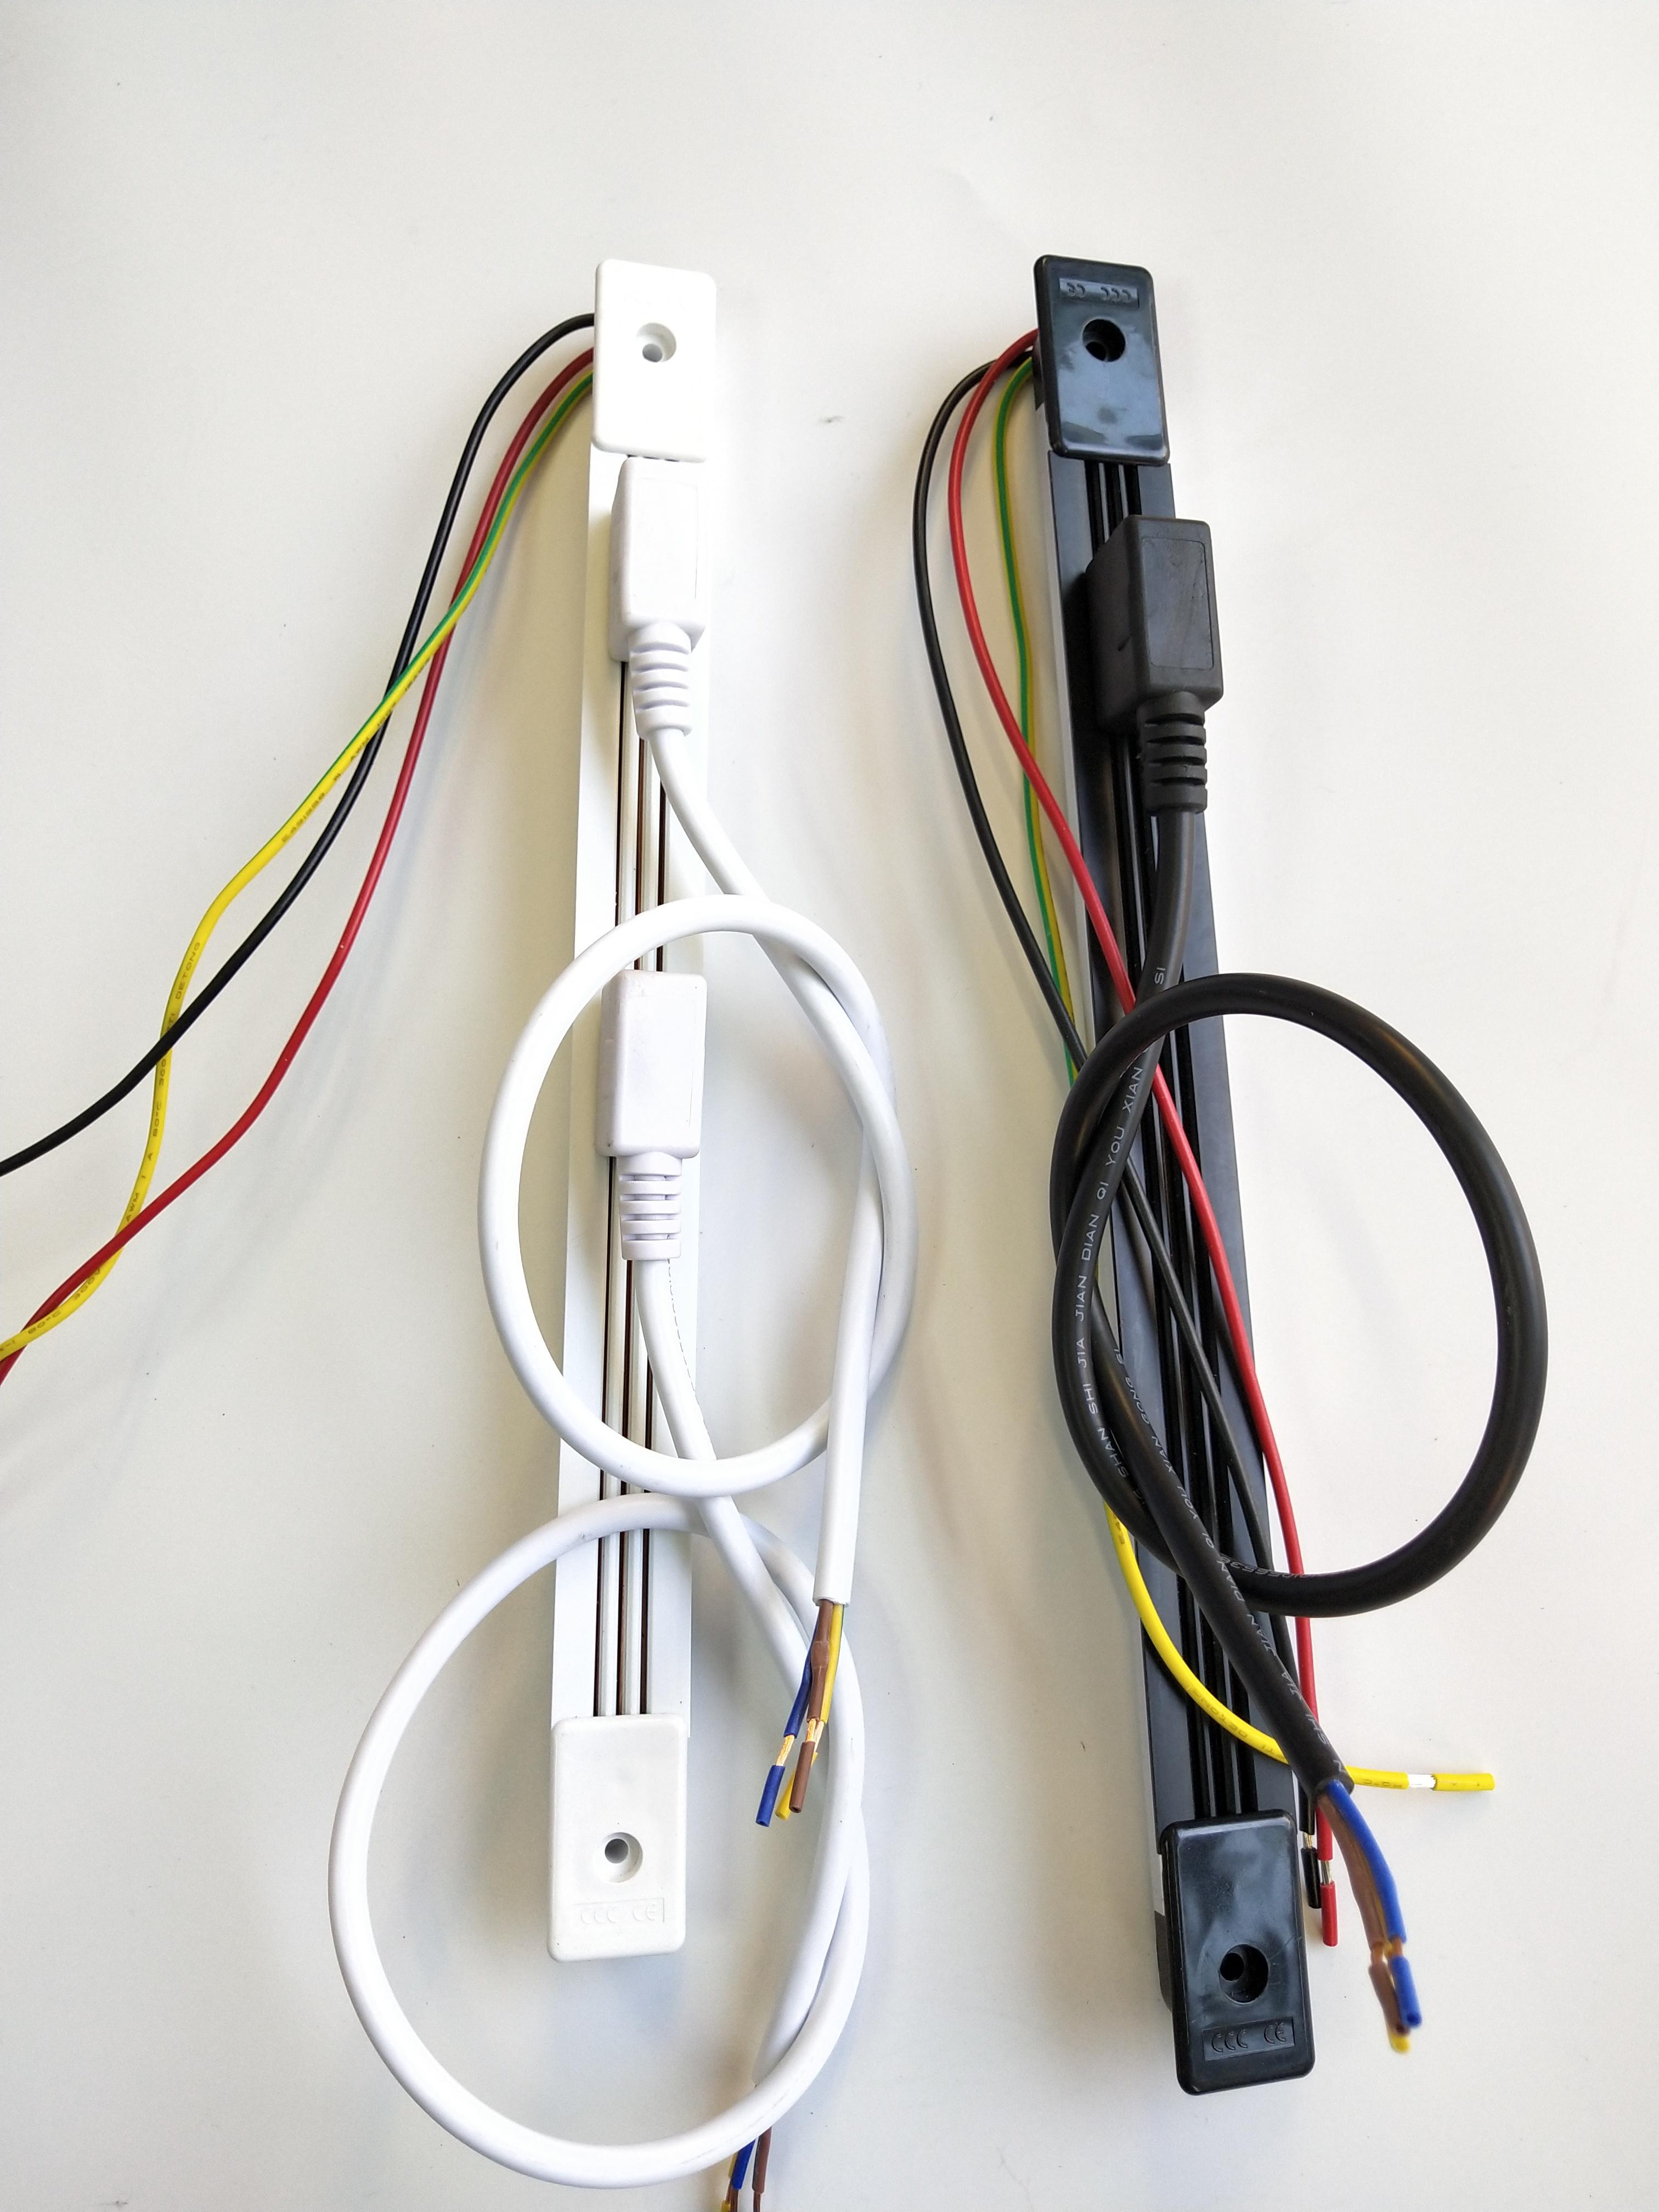 中山3线导电槽 中山三线导电槽供应商 3线导电槽订制 三线电源导电槽供应商